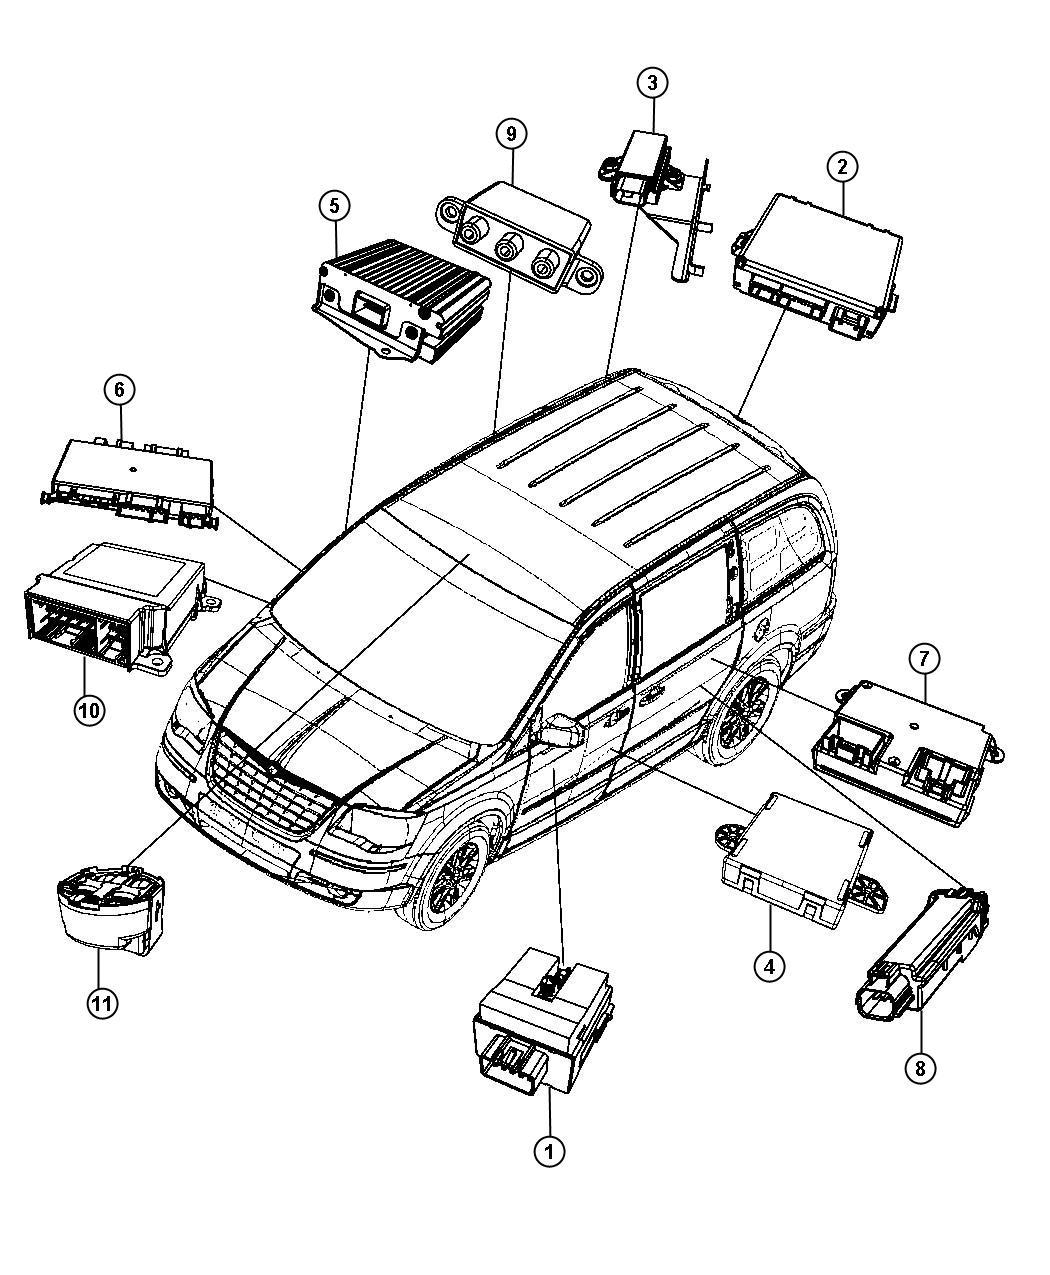 I on 2011 Dodge Grand Caravan Body Parts Diagram